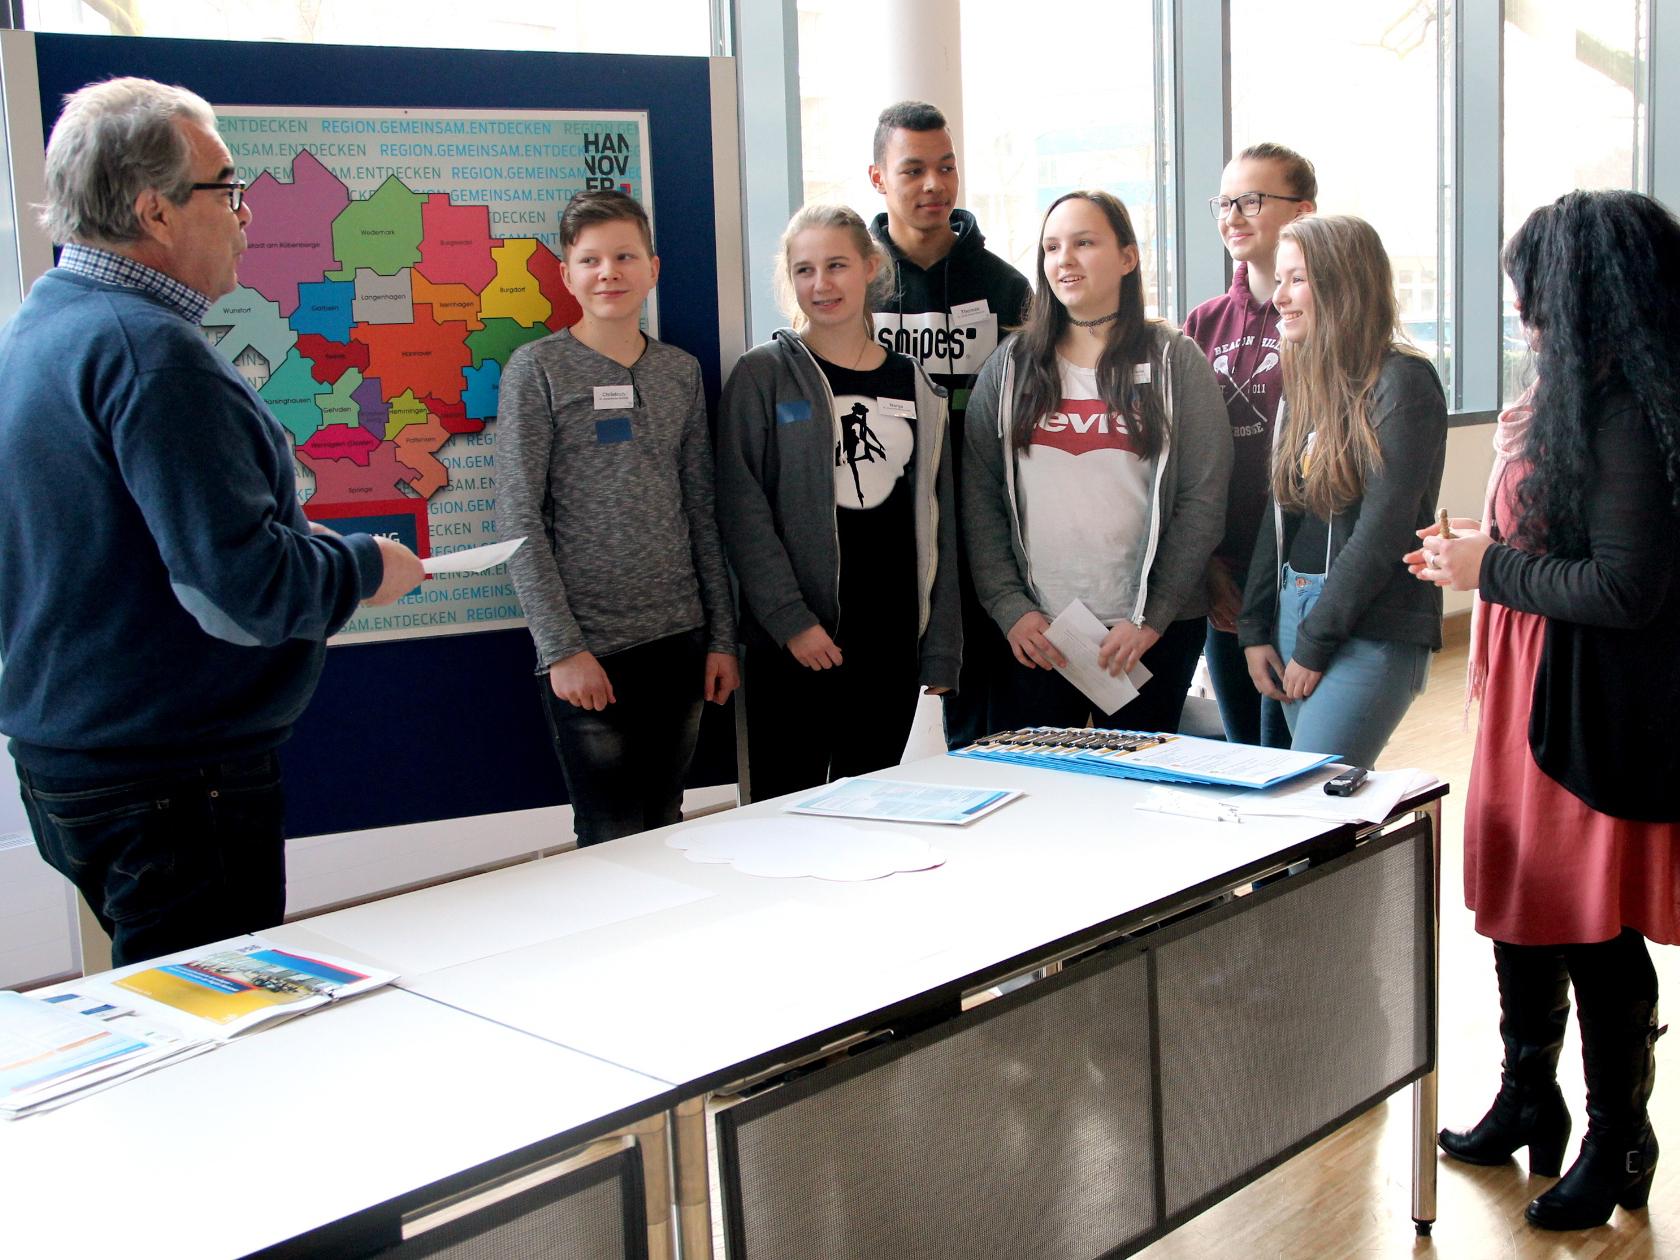 Eine Frau und ein Mann erklären Schülerinnen und Schülern etwas an einer Metaplanwand.